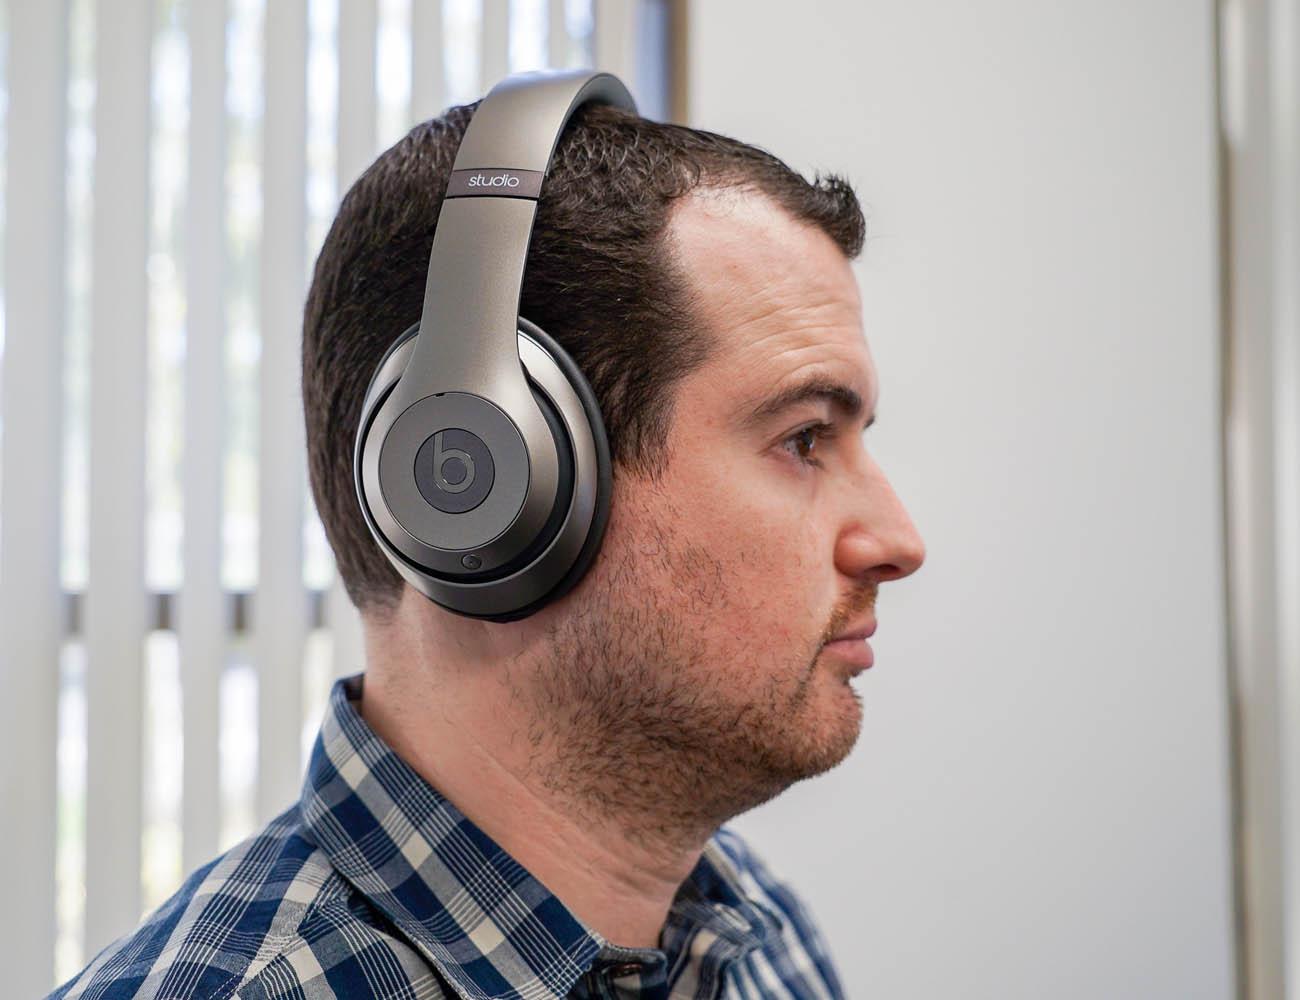 Beats by Dre Metallic Sky Studio Wireless Headphones